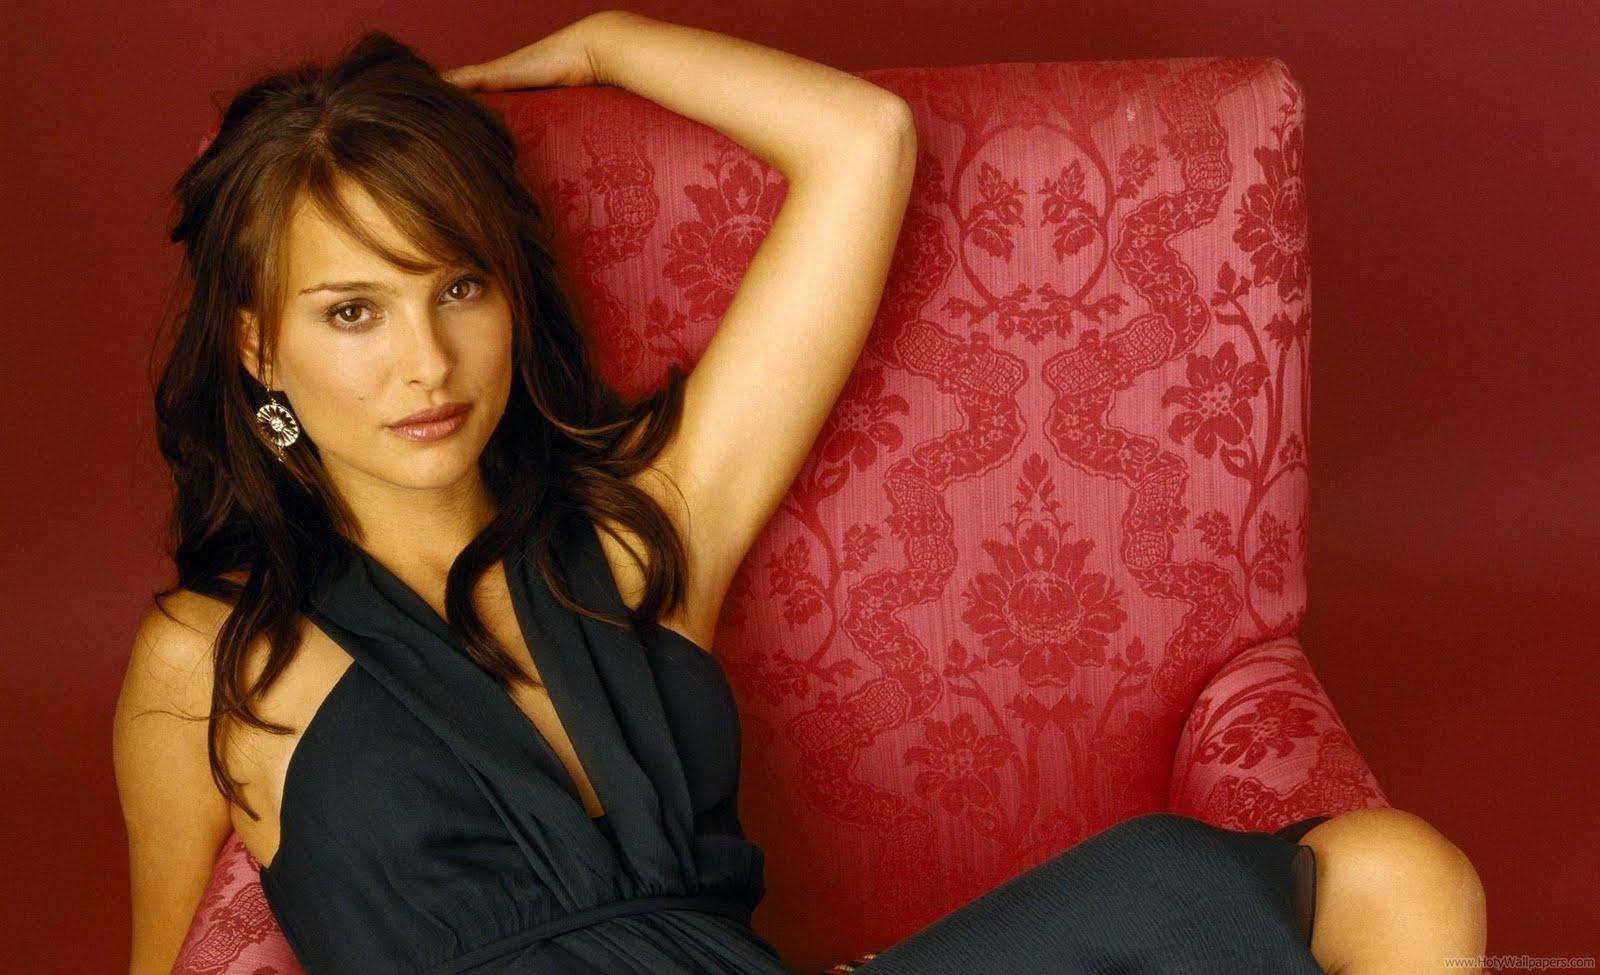 http://1.bp.blogspot.com/-MZeyR0oBgEk/TrTrVhC8FoI/AAAAAAAAOd0/4LHhr78AxSM/s1600/natalie_portman_glamour_actress_wallpaper.jpg